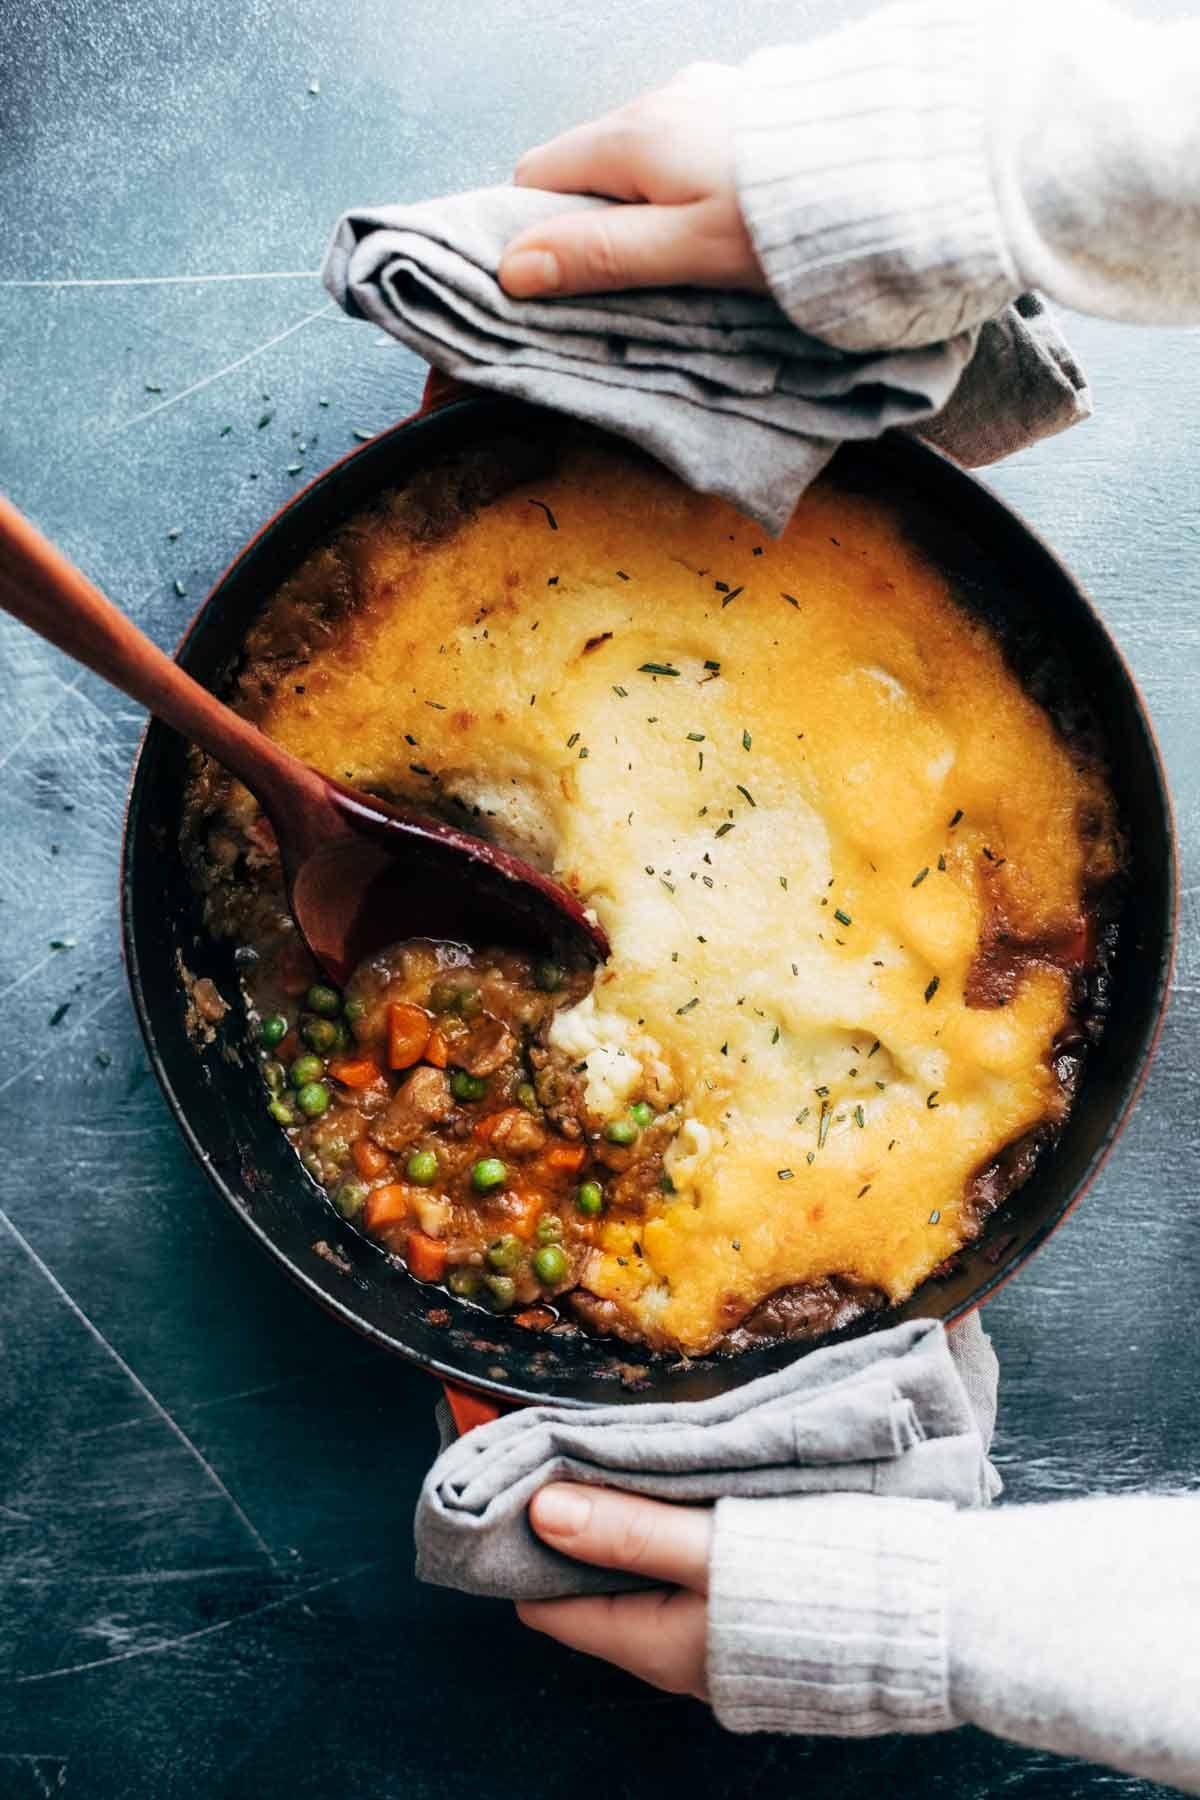 Vegetarian Shepherd S Pie Pinch Of Yum Recipe Vegan Casserole Recipes Vegetarian Shepherds Pie Recipes